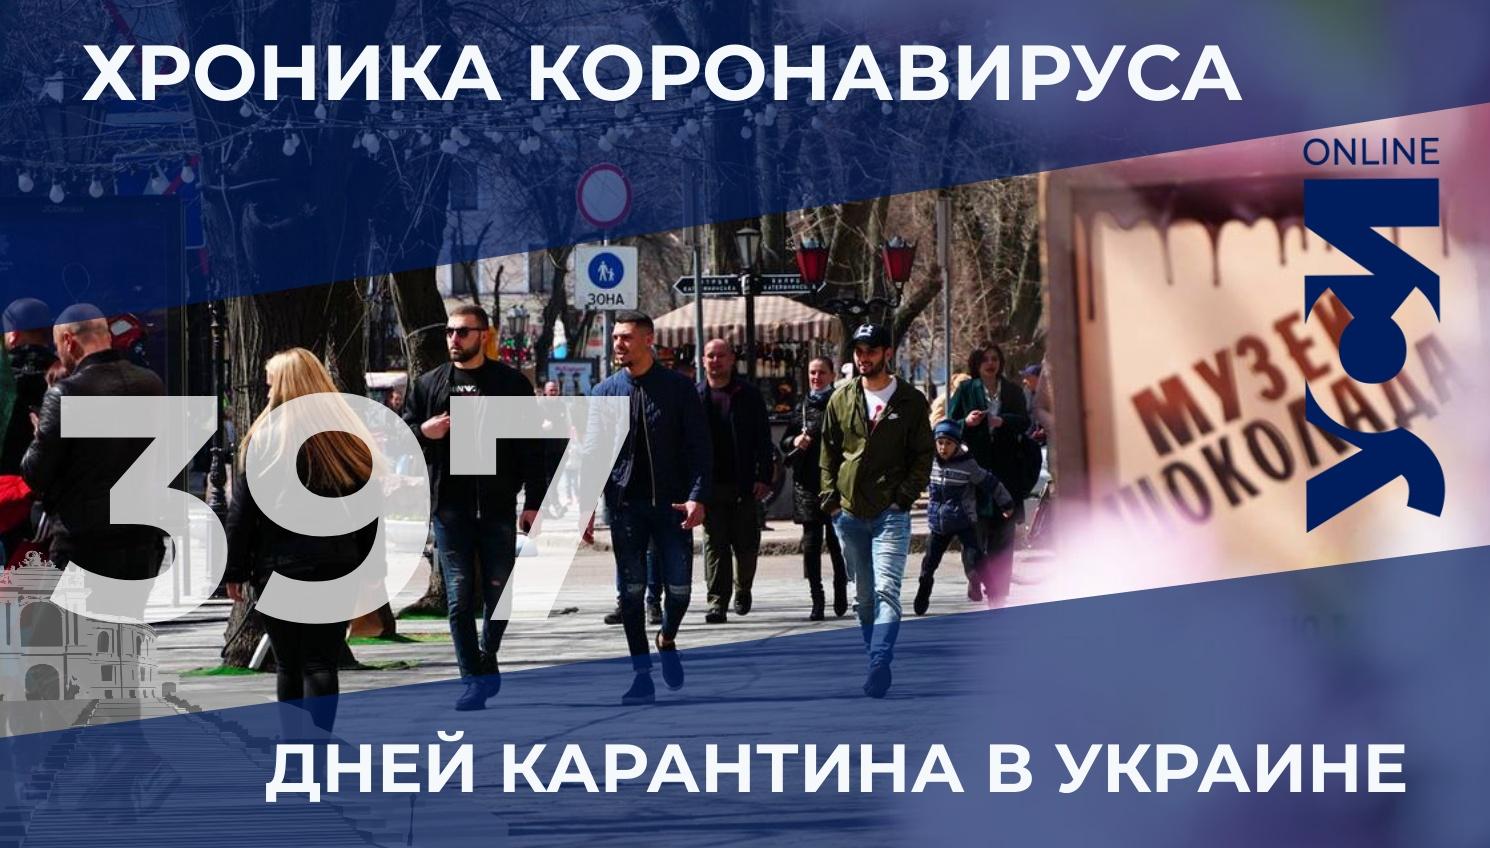 COVID-19: в Одесской области — 443 новых заболевших «фото»